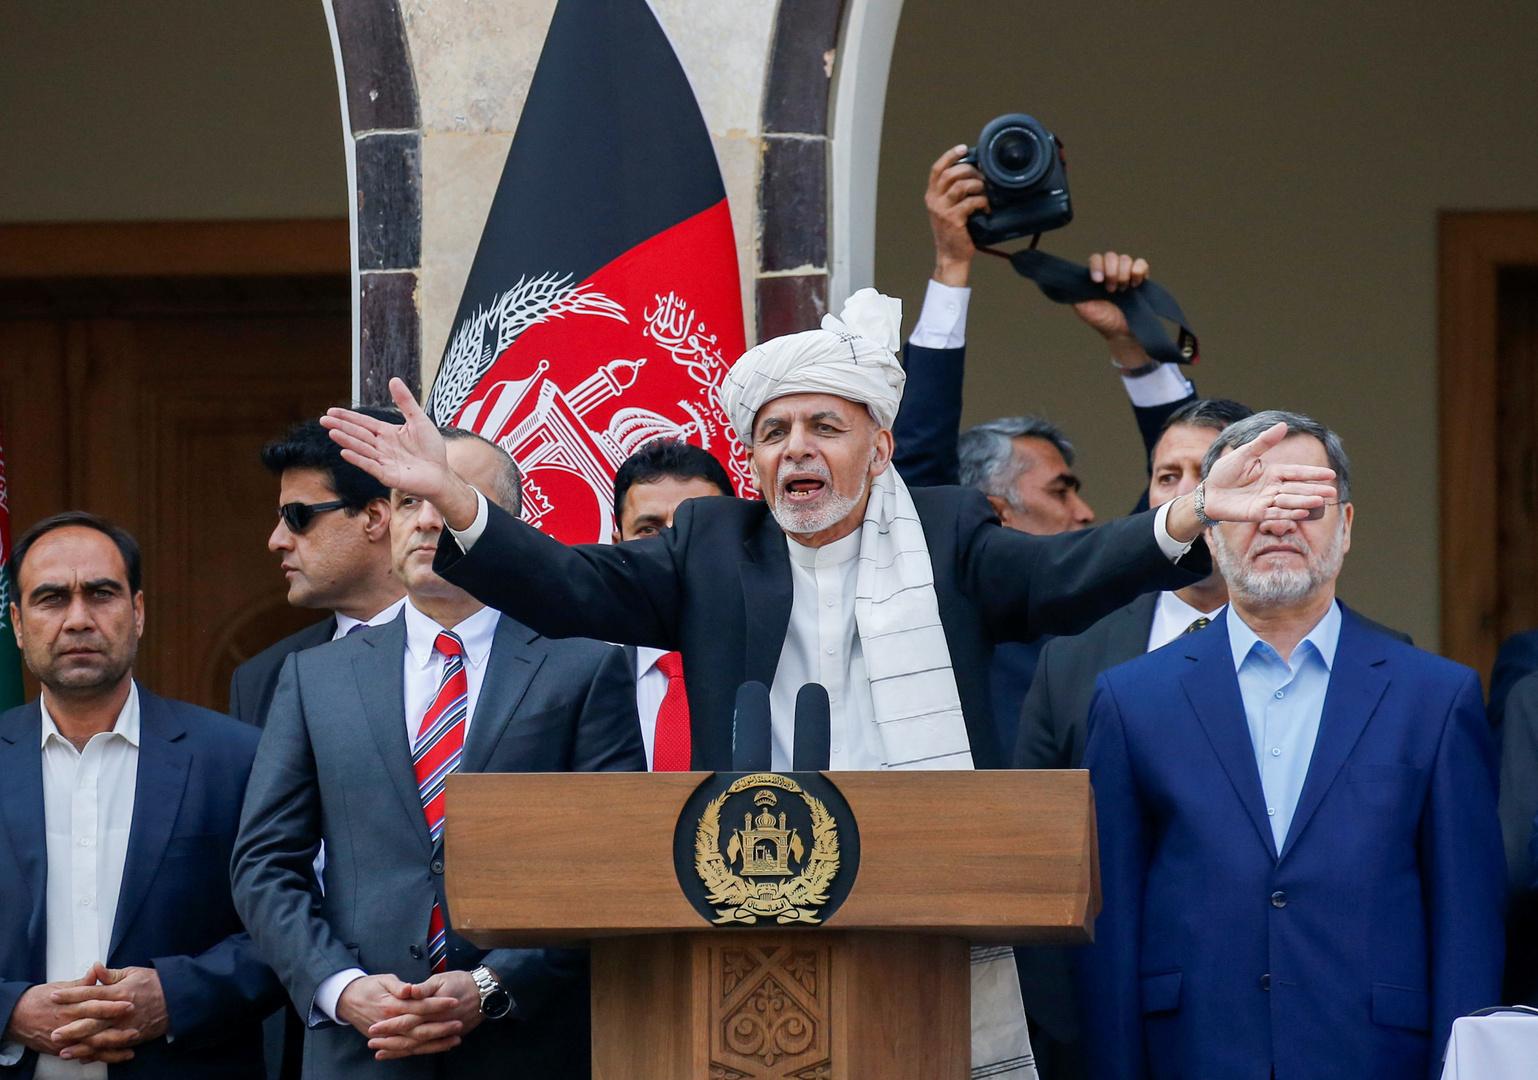 أشرف غني يلقي خطابا إلى أنصاره بعد أدائه يمينا دستوريا كرئيس أفغانستان